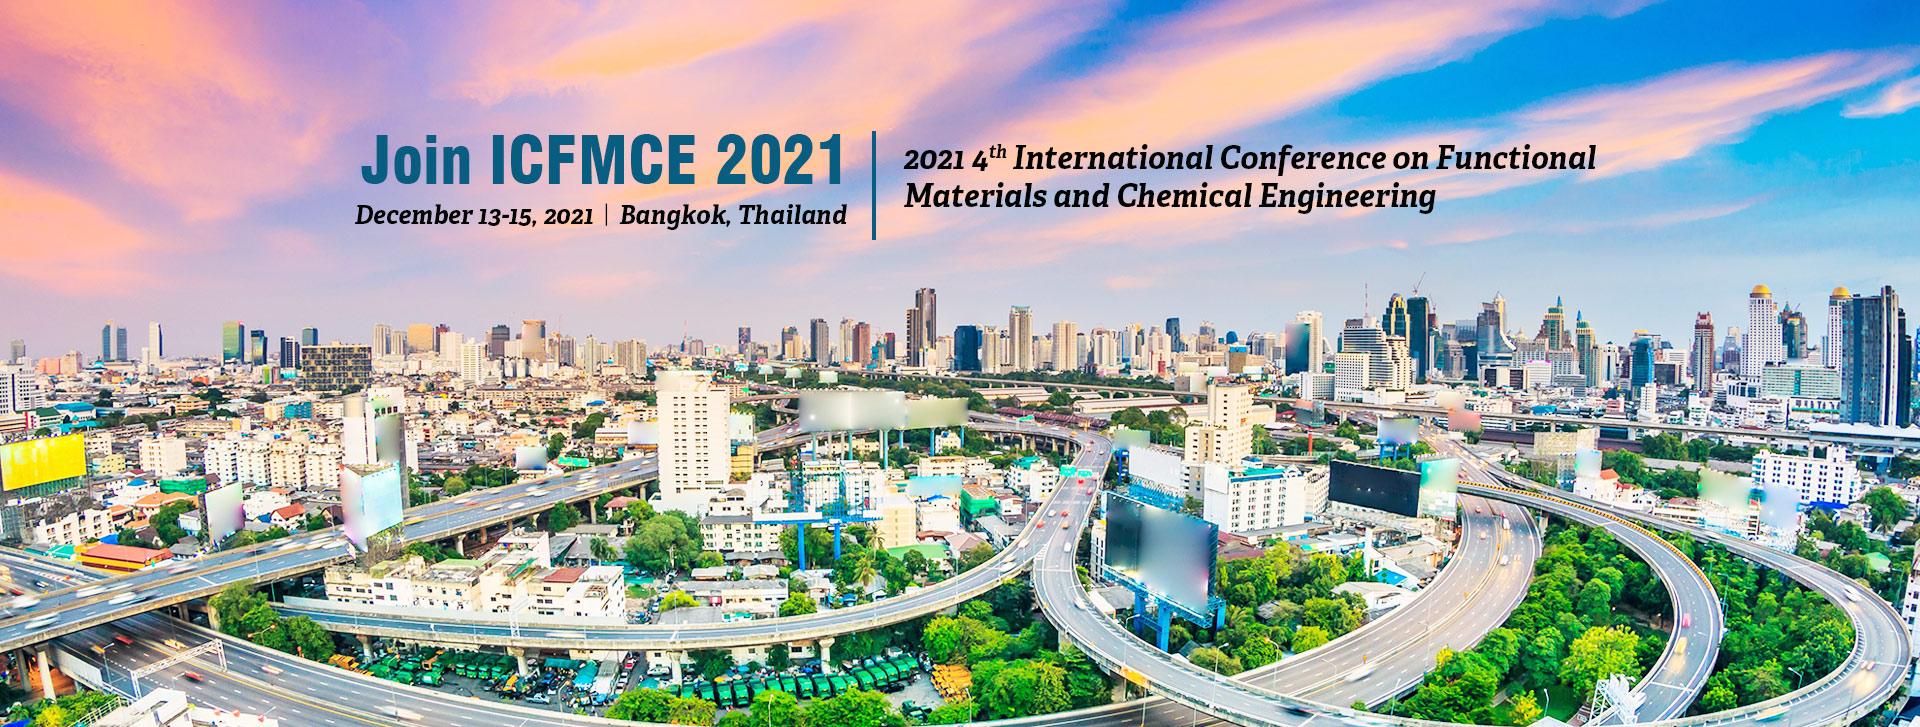 2021年第五届功能材料与化学工程国际会议(ICFMCE 2021)EI检索